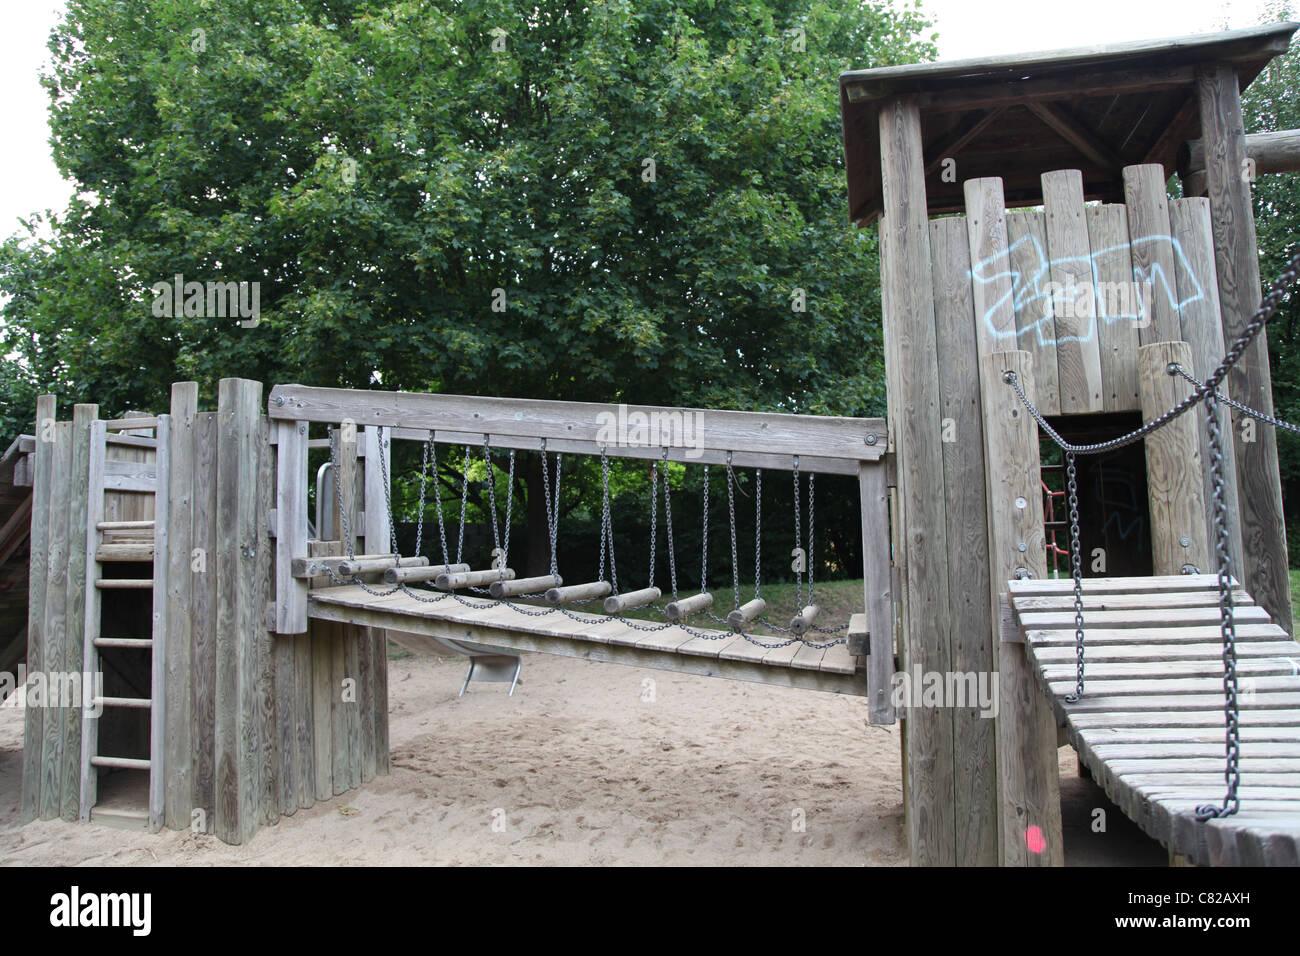 Klettergerüst Jungle : Spielplatz rutsche schaukel jungle gym spielturm klettergerüst